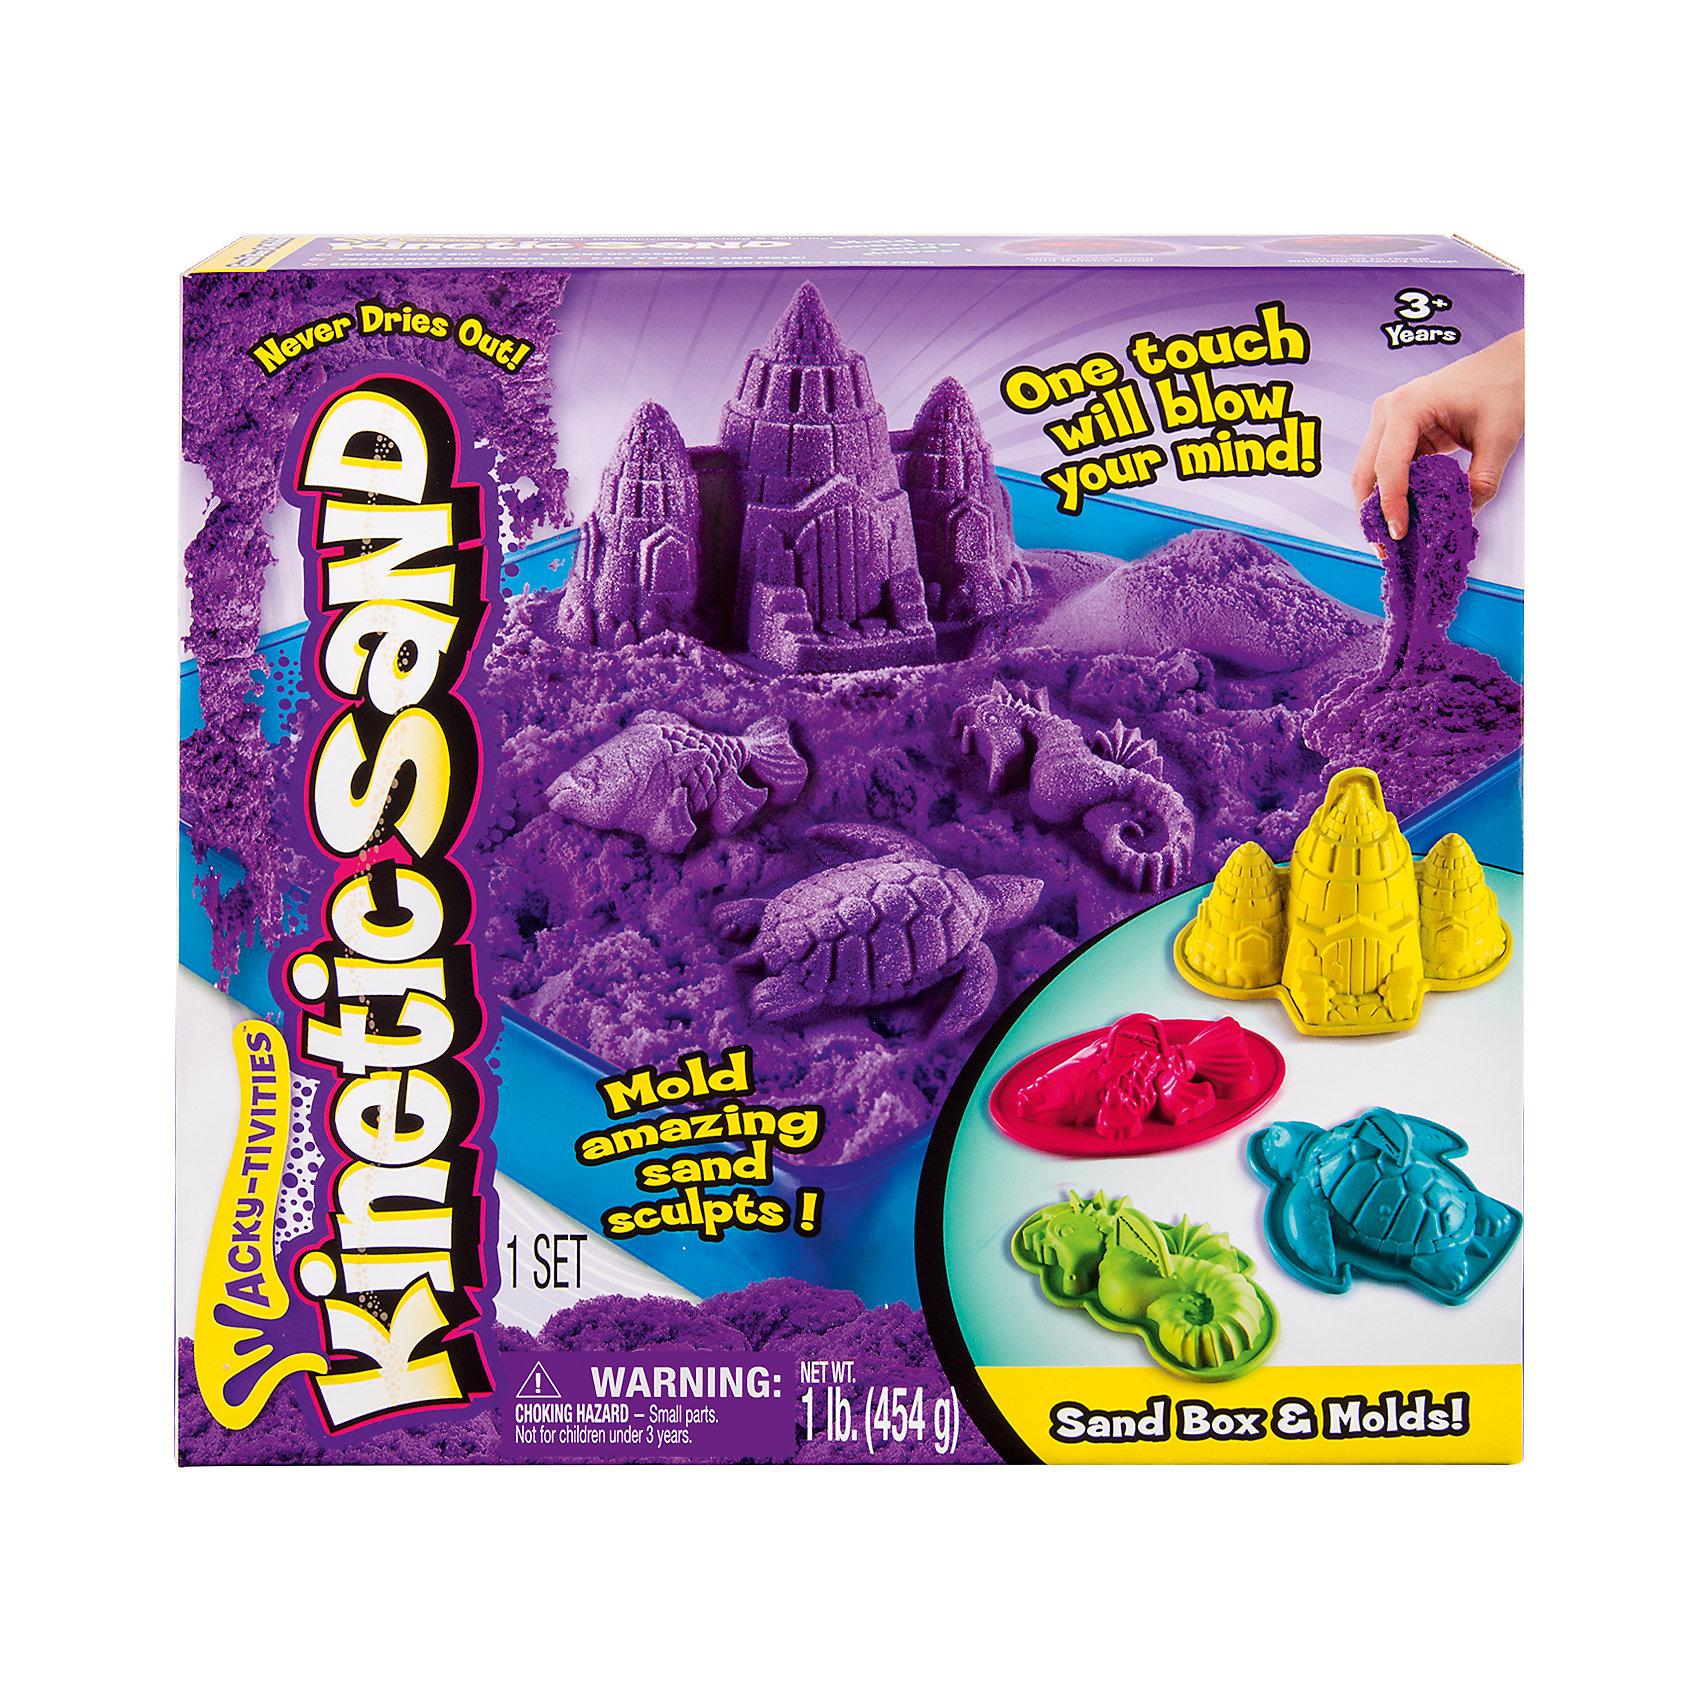 Песок для лепки Kinetic sand, 454 гр, лоток, 4 формочки, фиолетовыйКинетический песок<br>Кинетический песок Kinetic Sand похож на мокрый песок и, благодаря специальному полимеру, он не высыхает, что позволяет играть с ним вновь! С помощью этого чудесного песка можно лепить различные формы и не испачкаться! Мягкий на ощупь и совершенно не липкий, что позволяет рукам и одежде оставаться чистыми.        <br>В набор входит:<br>Песок одного цвета<br>4 формочки<br>Лоток-песочница<br><br>Ширина мм: 280<br>Глубина мм: 270<br>Высота мм: 60<br>Вес г: 868<br>Возраст от месяцев: 36<br>Возраст до месяцев: 84<br>Пол: Унисекс<br>Возраст: Детский<br>SKU: 4768726